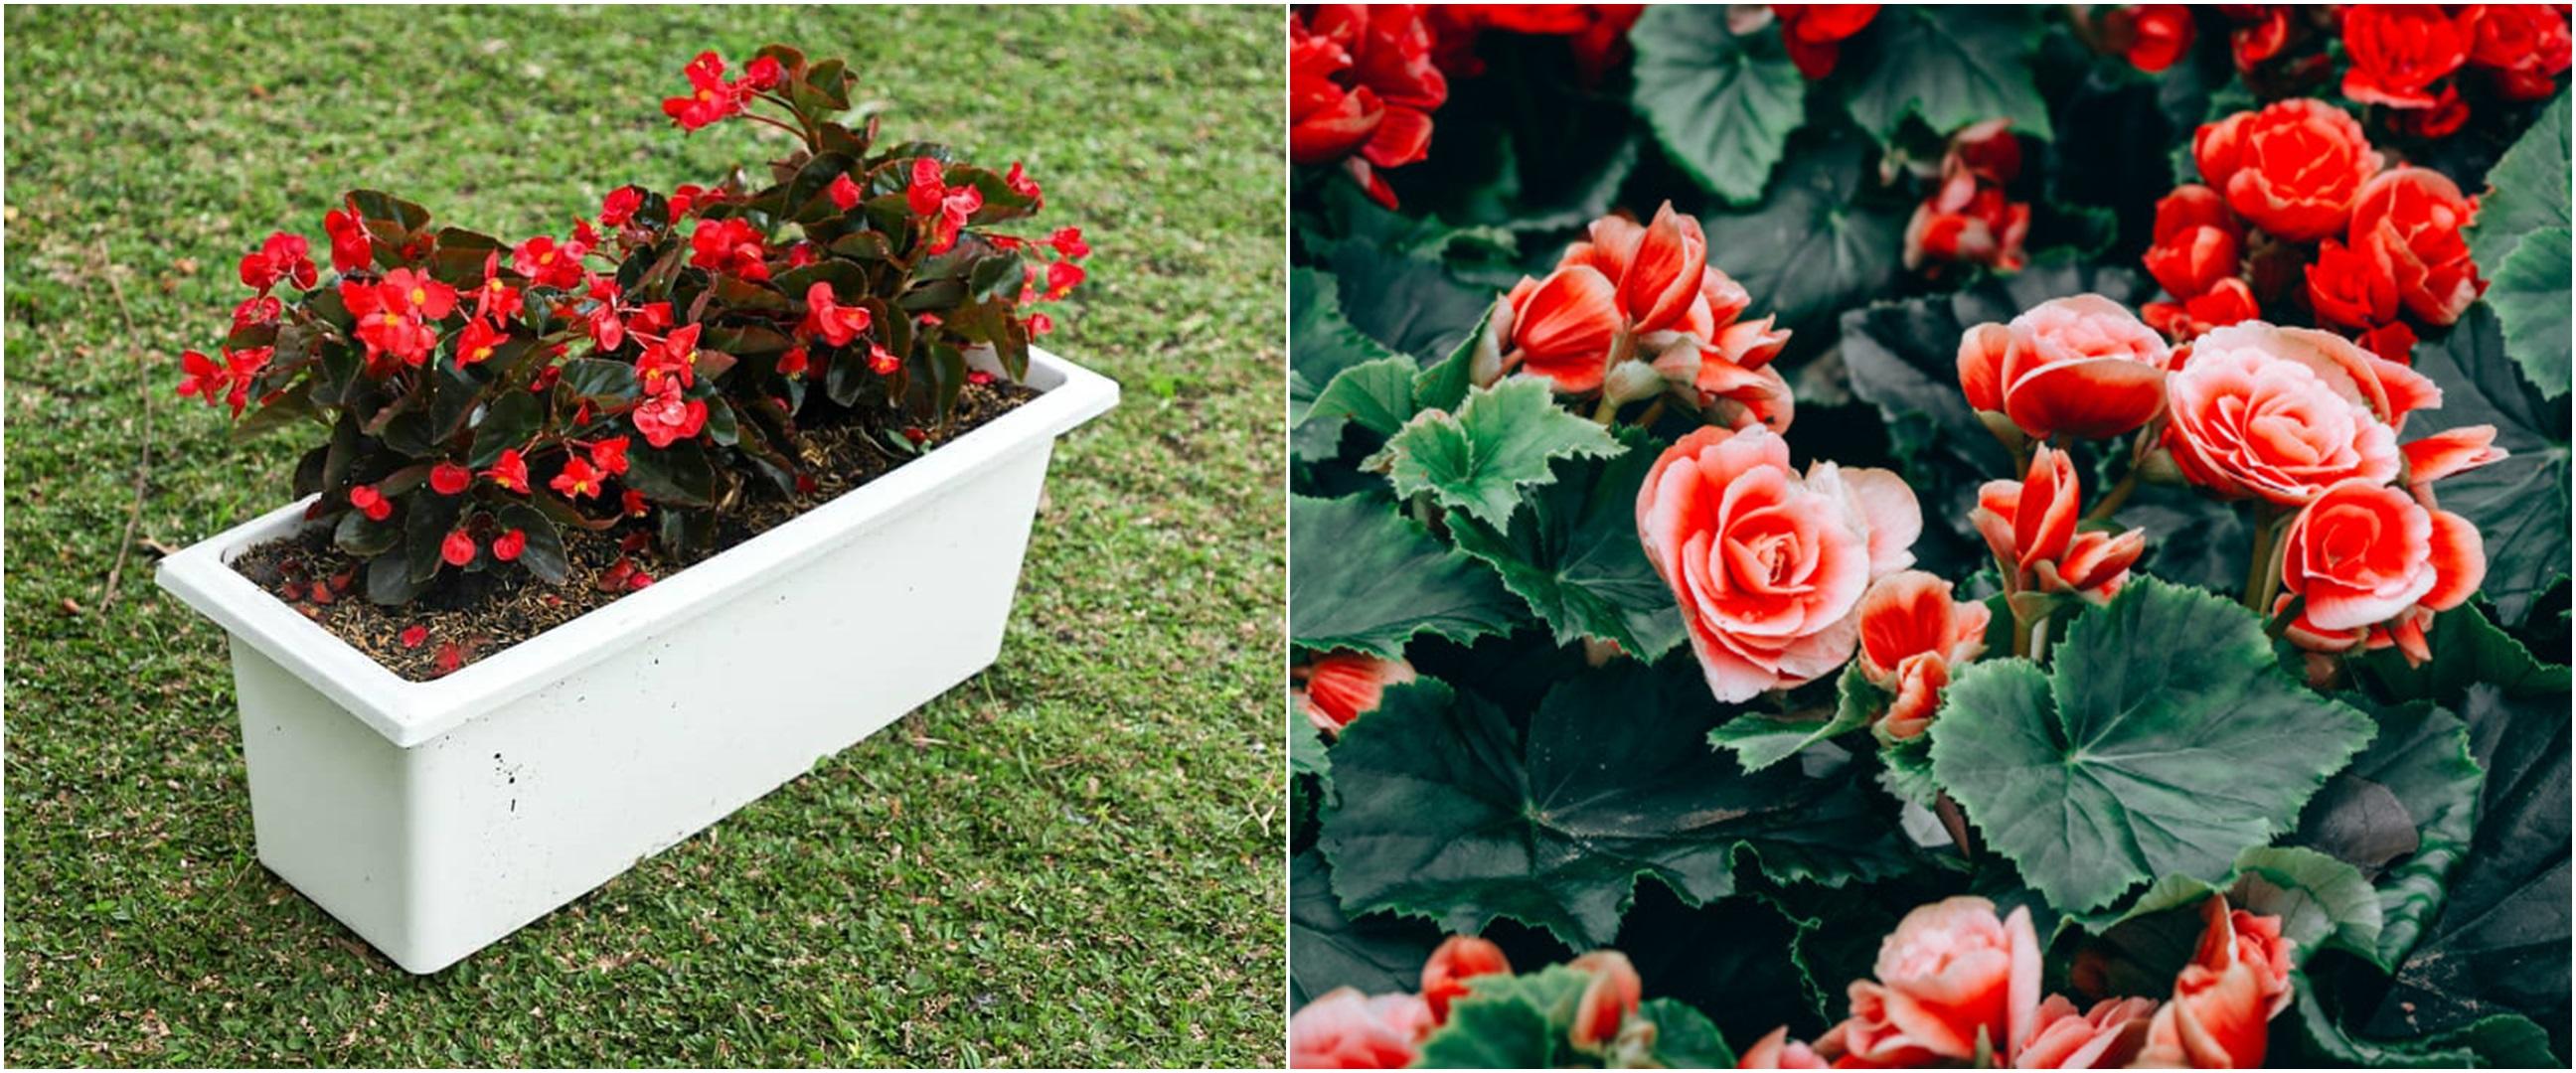 5 Cara merawat tanaman begonia agar makin cantik dan subur